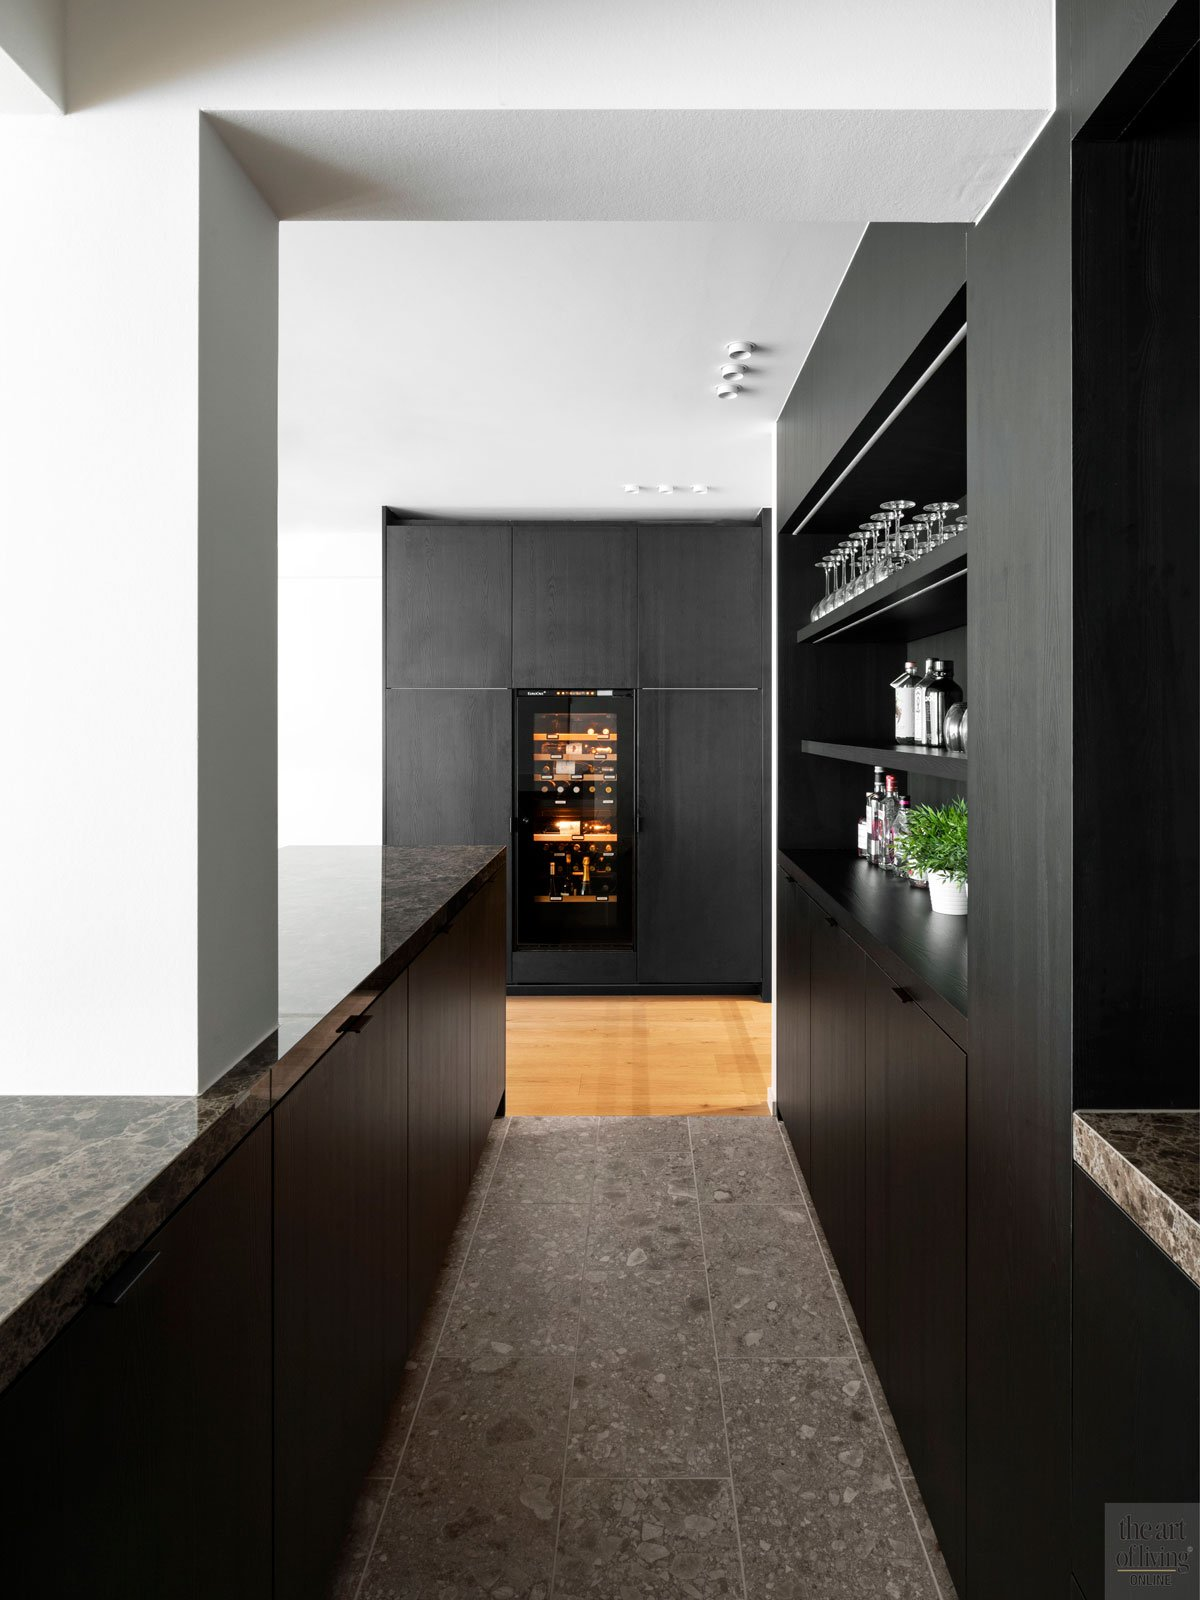 Zwarte keuken, Ghyselen Dewitte, the art of living